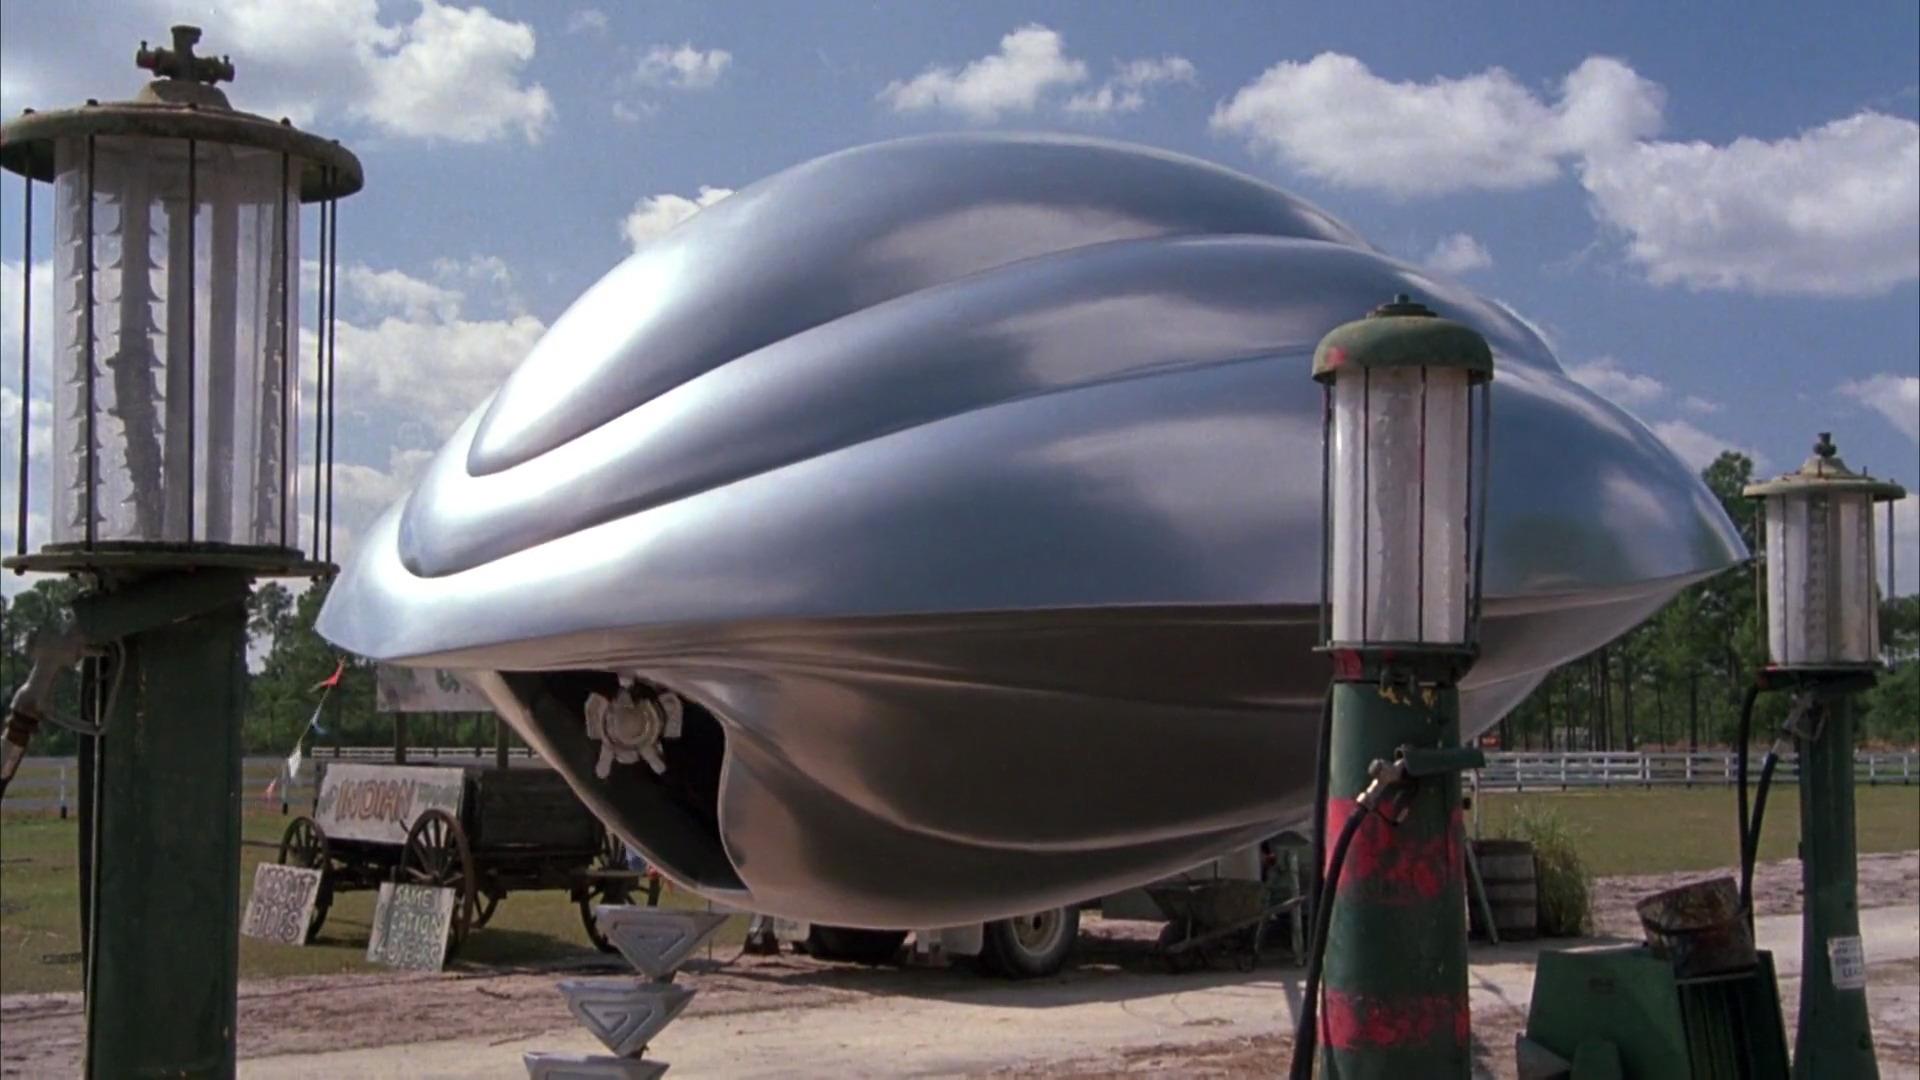 Image Flight Of The Navigator Disneyscreencaps Com 8710